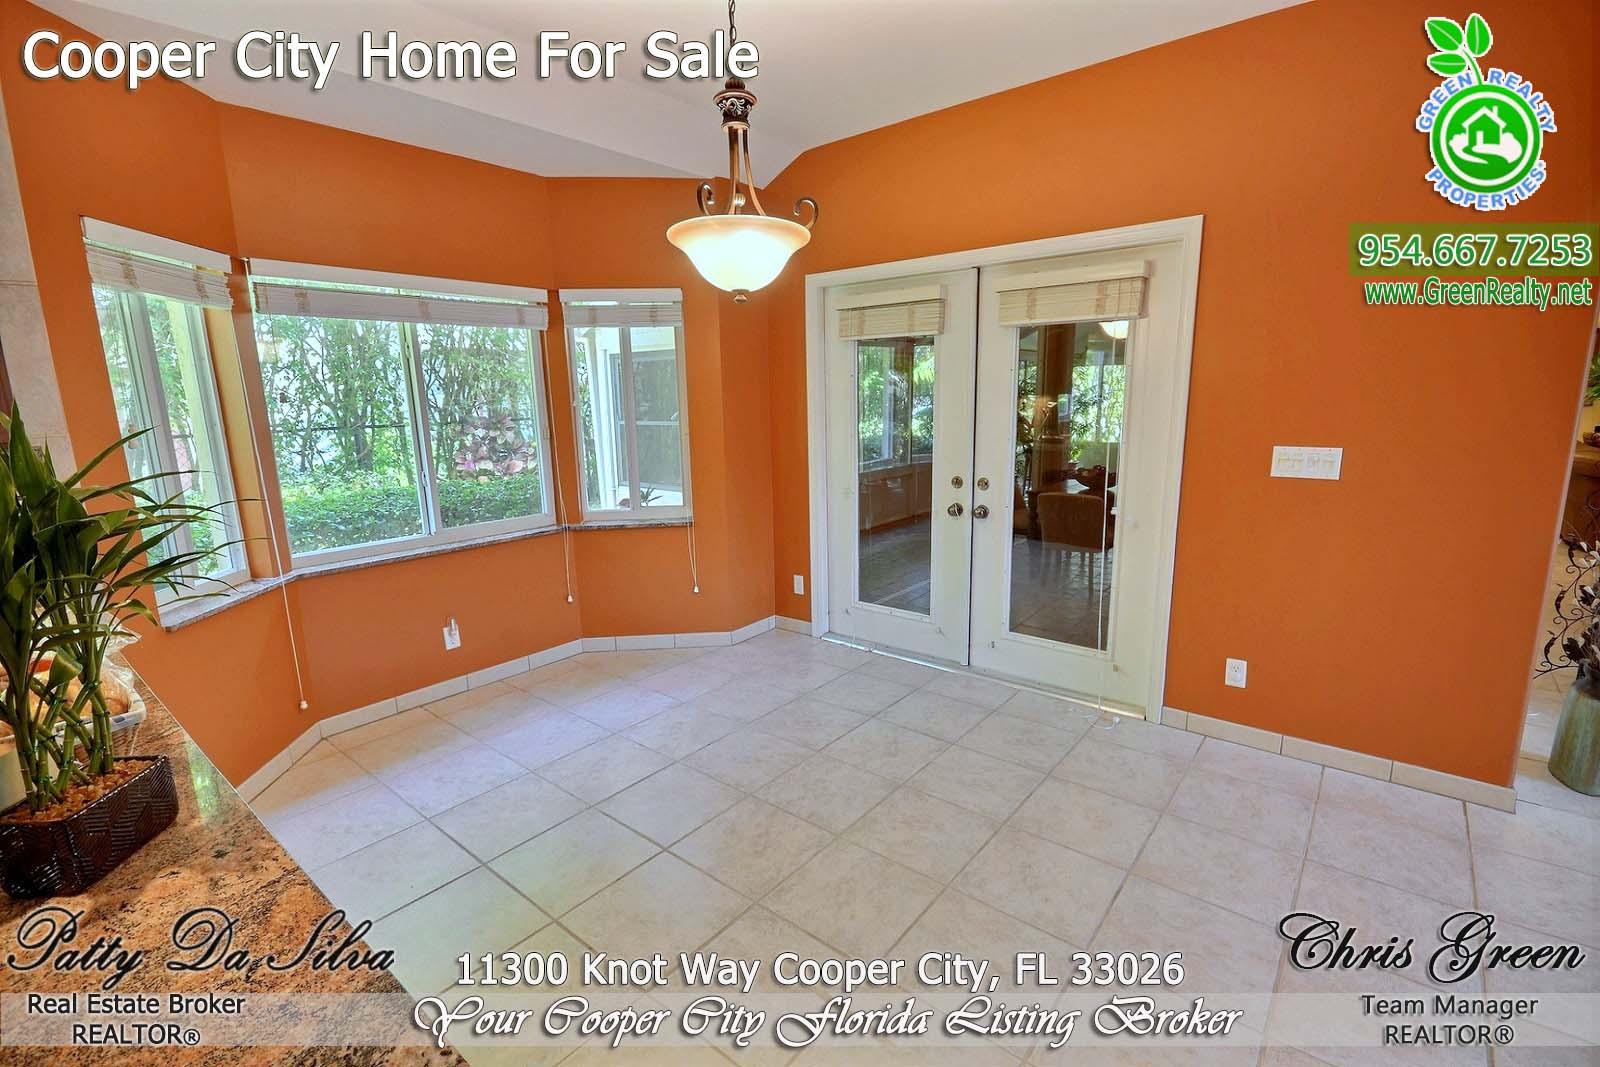 25 Rock Creek Cooper City Homes (1)